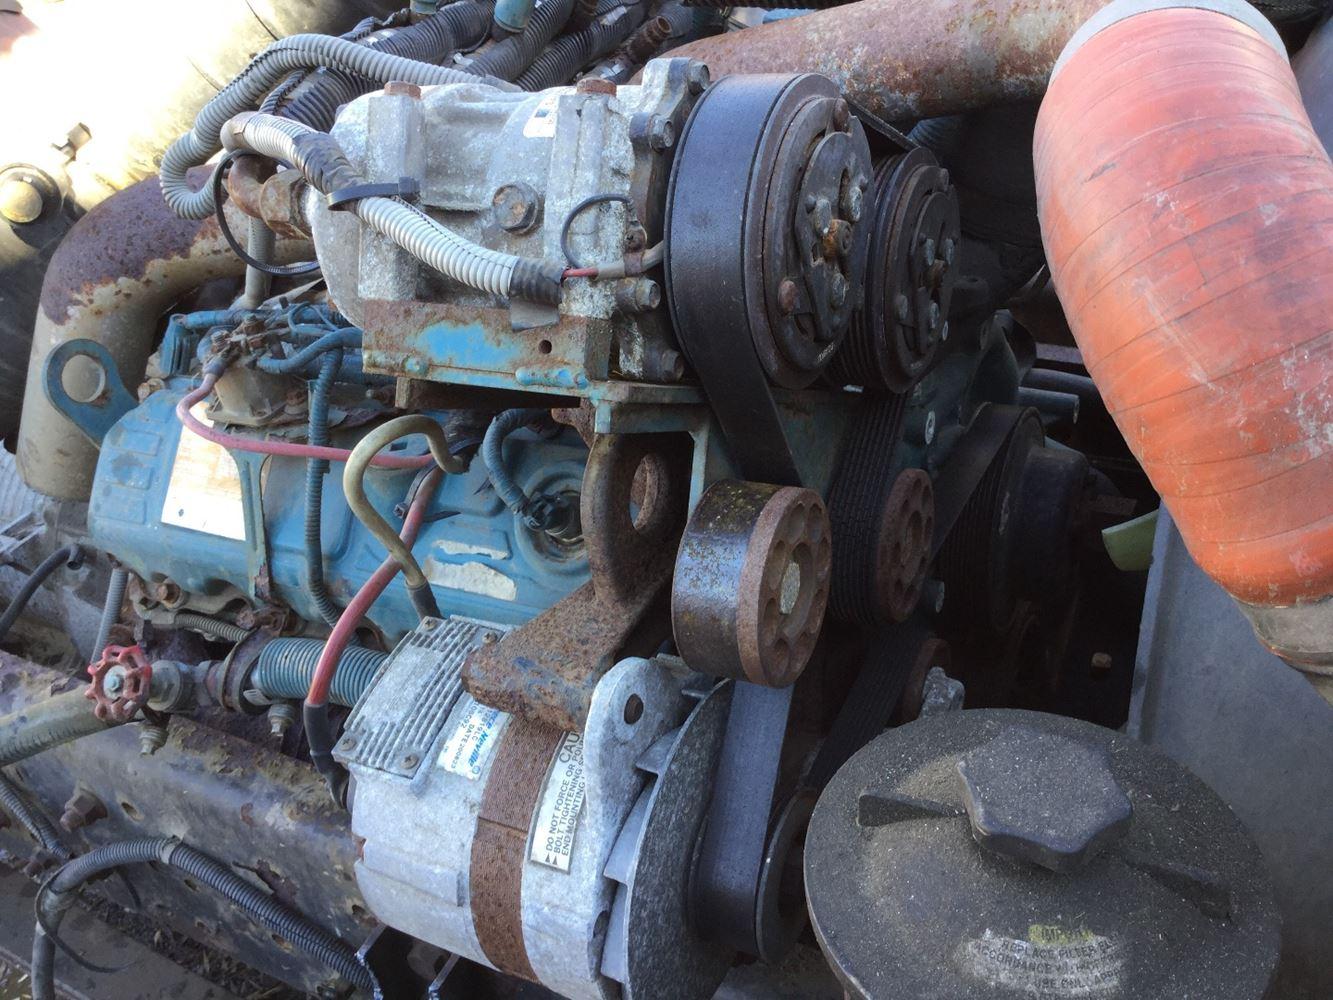 hight resolution of vt 365 engine schematics 5 8 stromoeko de u2022vt 365 engine schematics 8